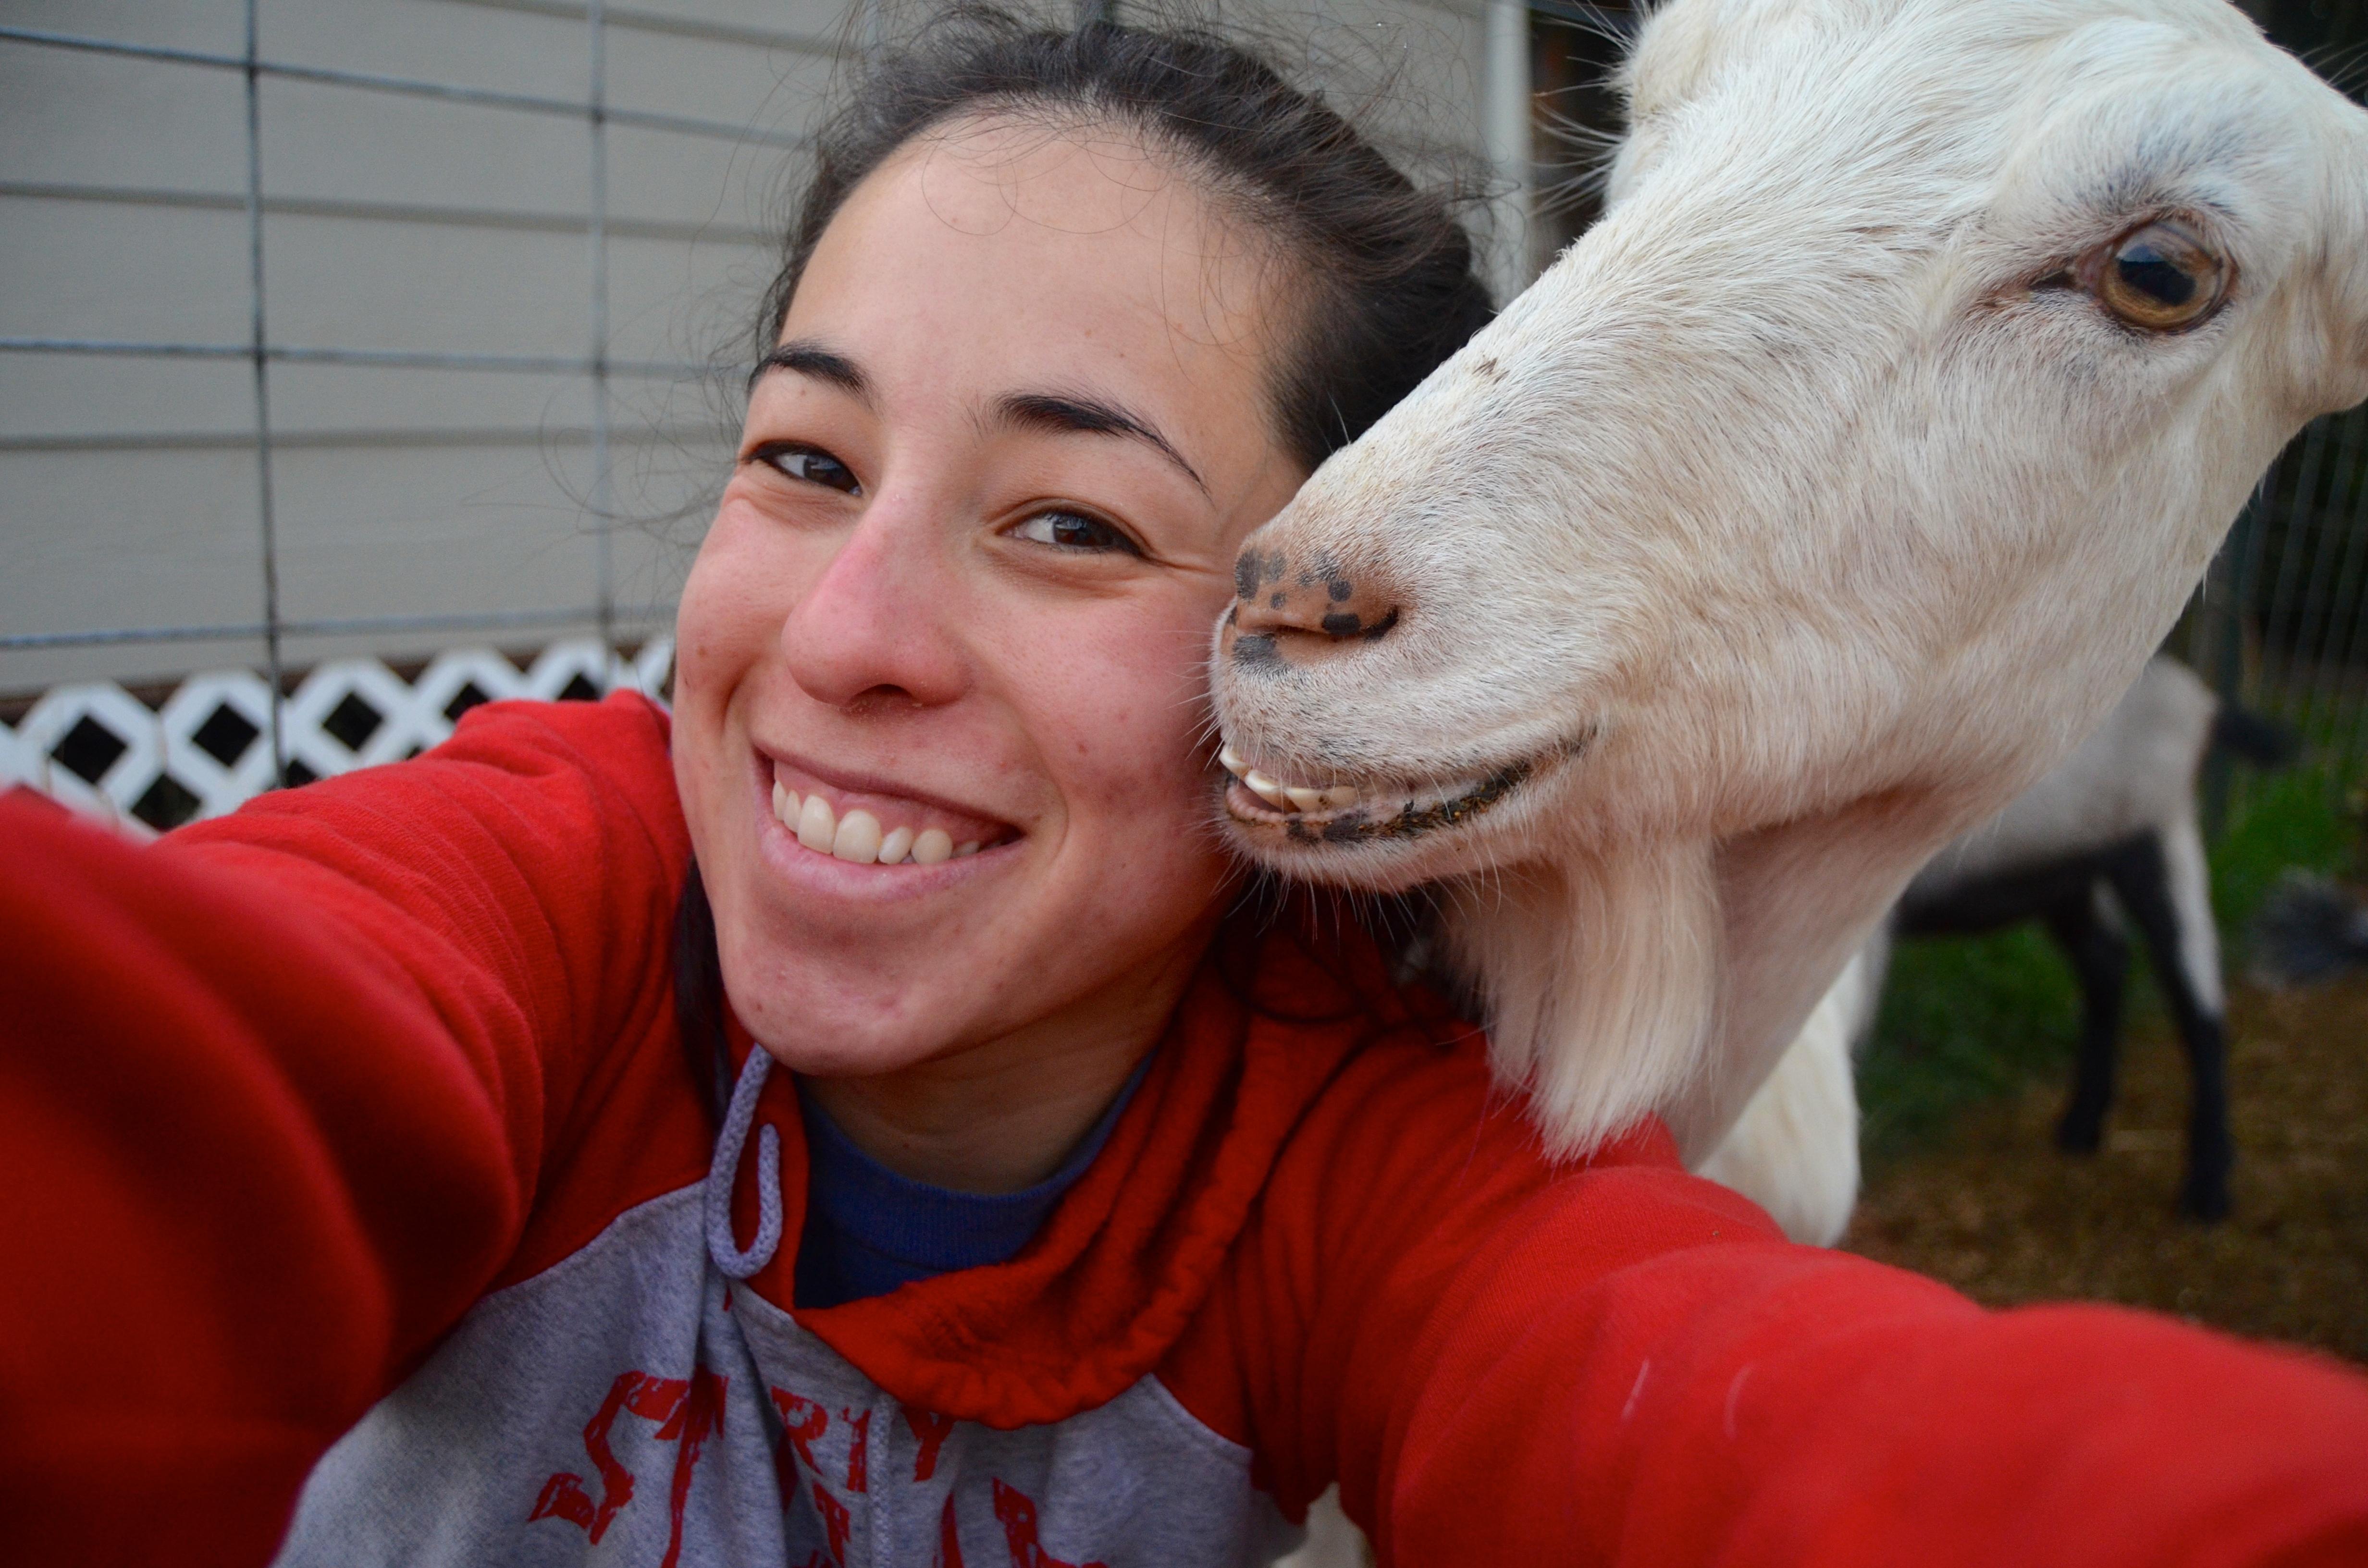 #GoatSelfie